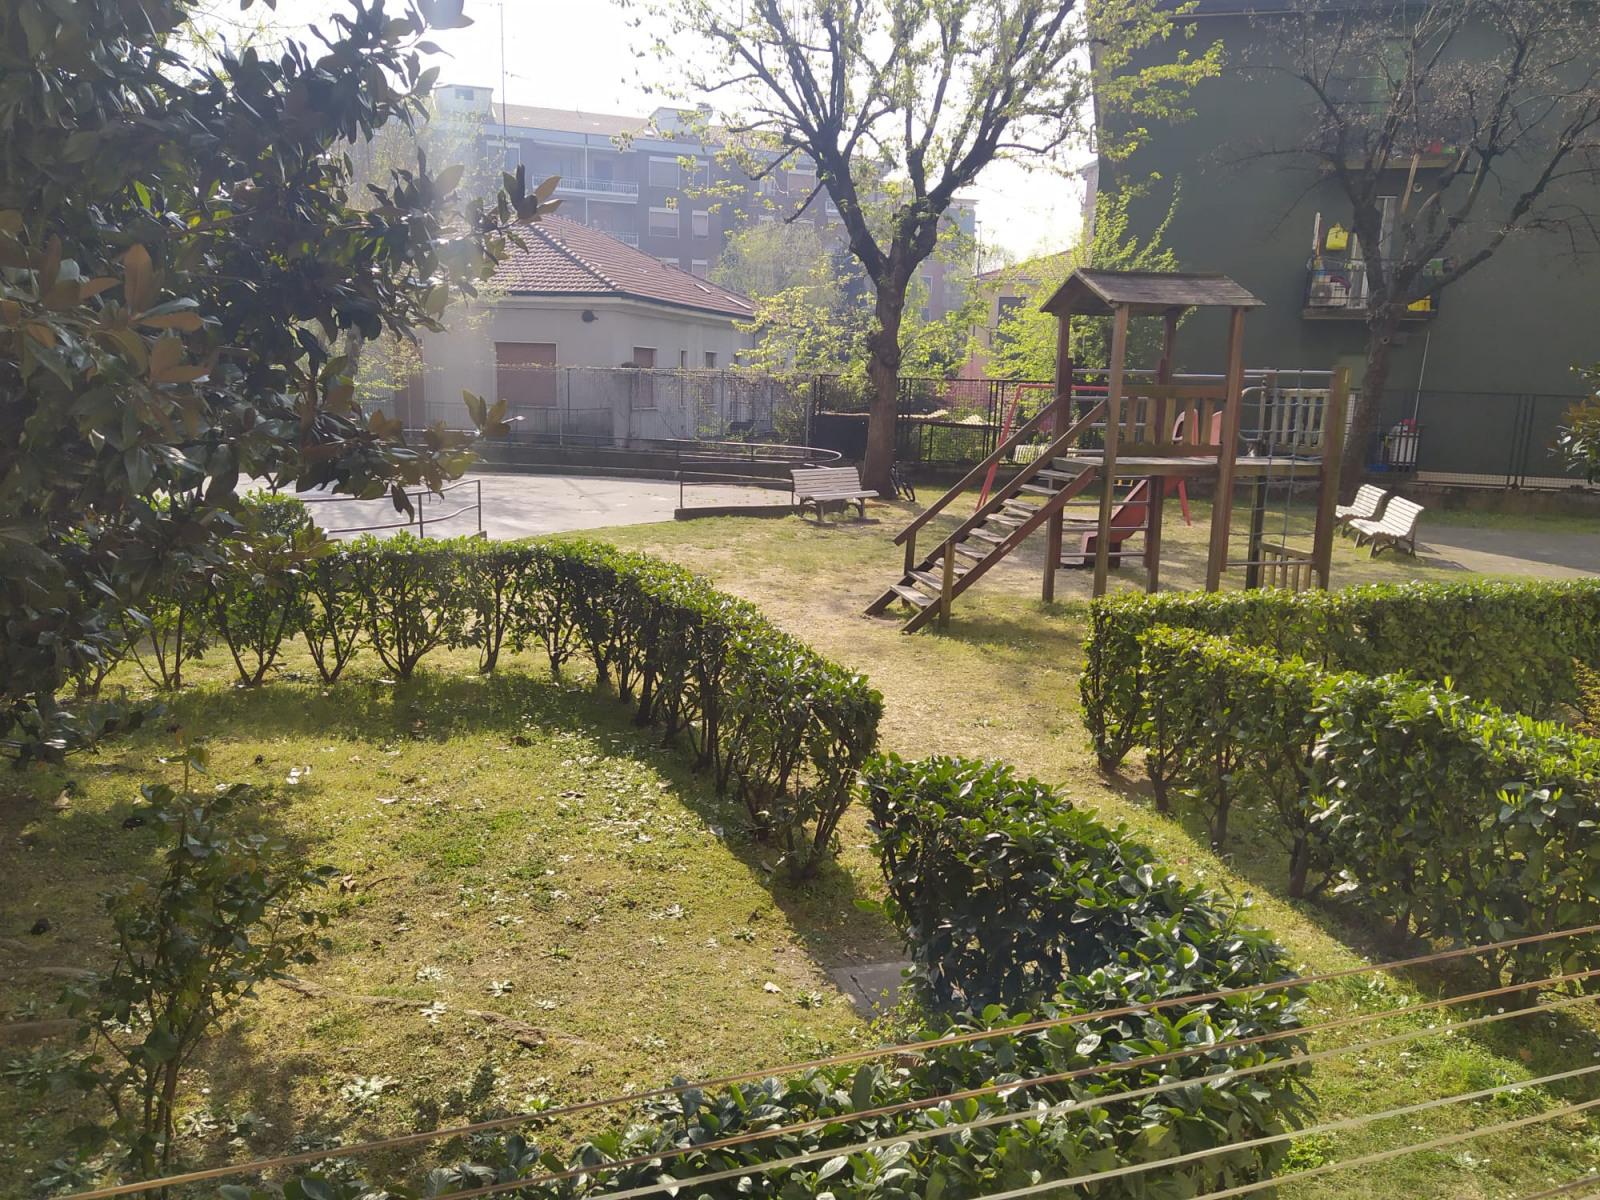 appartamento-in-vendita-a-milano-bagio-3-locali-via-cabella-spaziourbano-immobiliare-vende-23